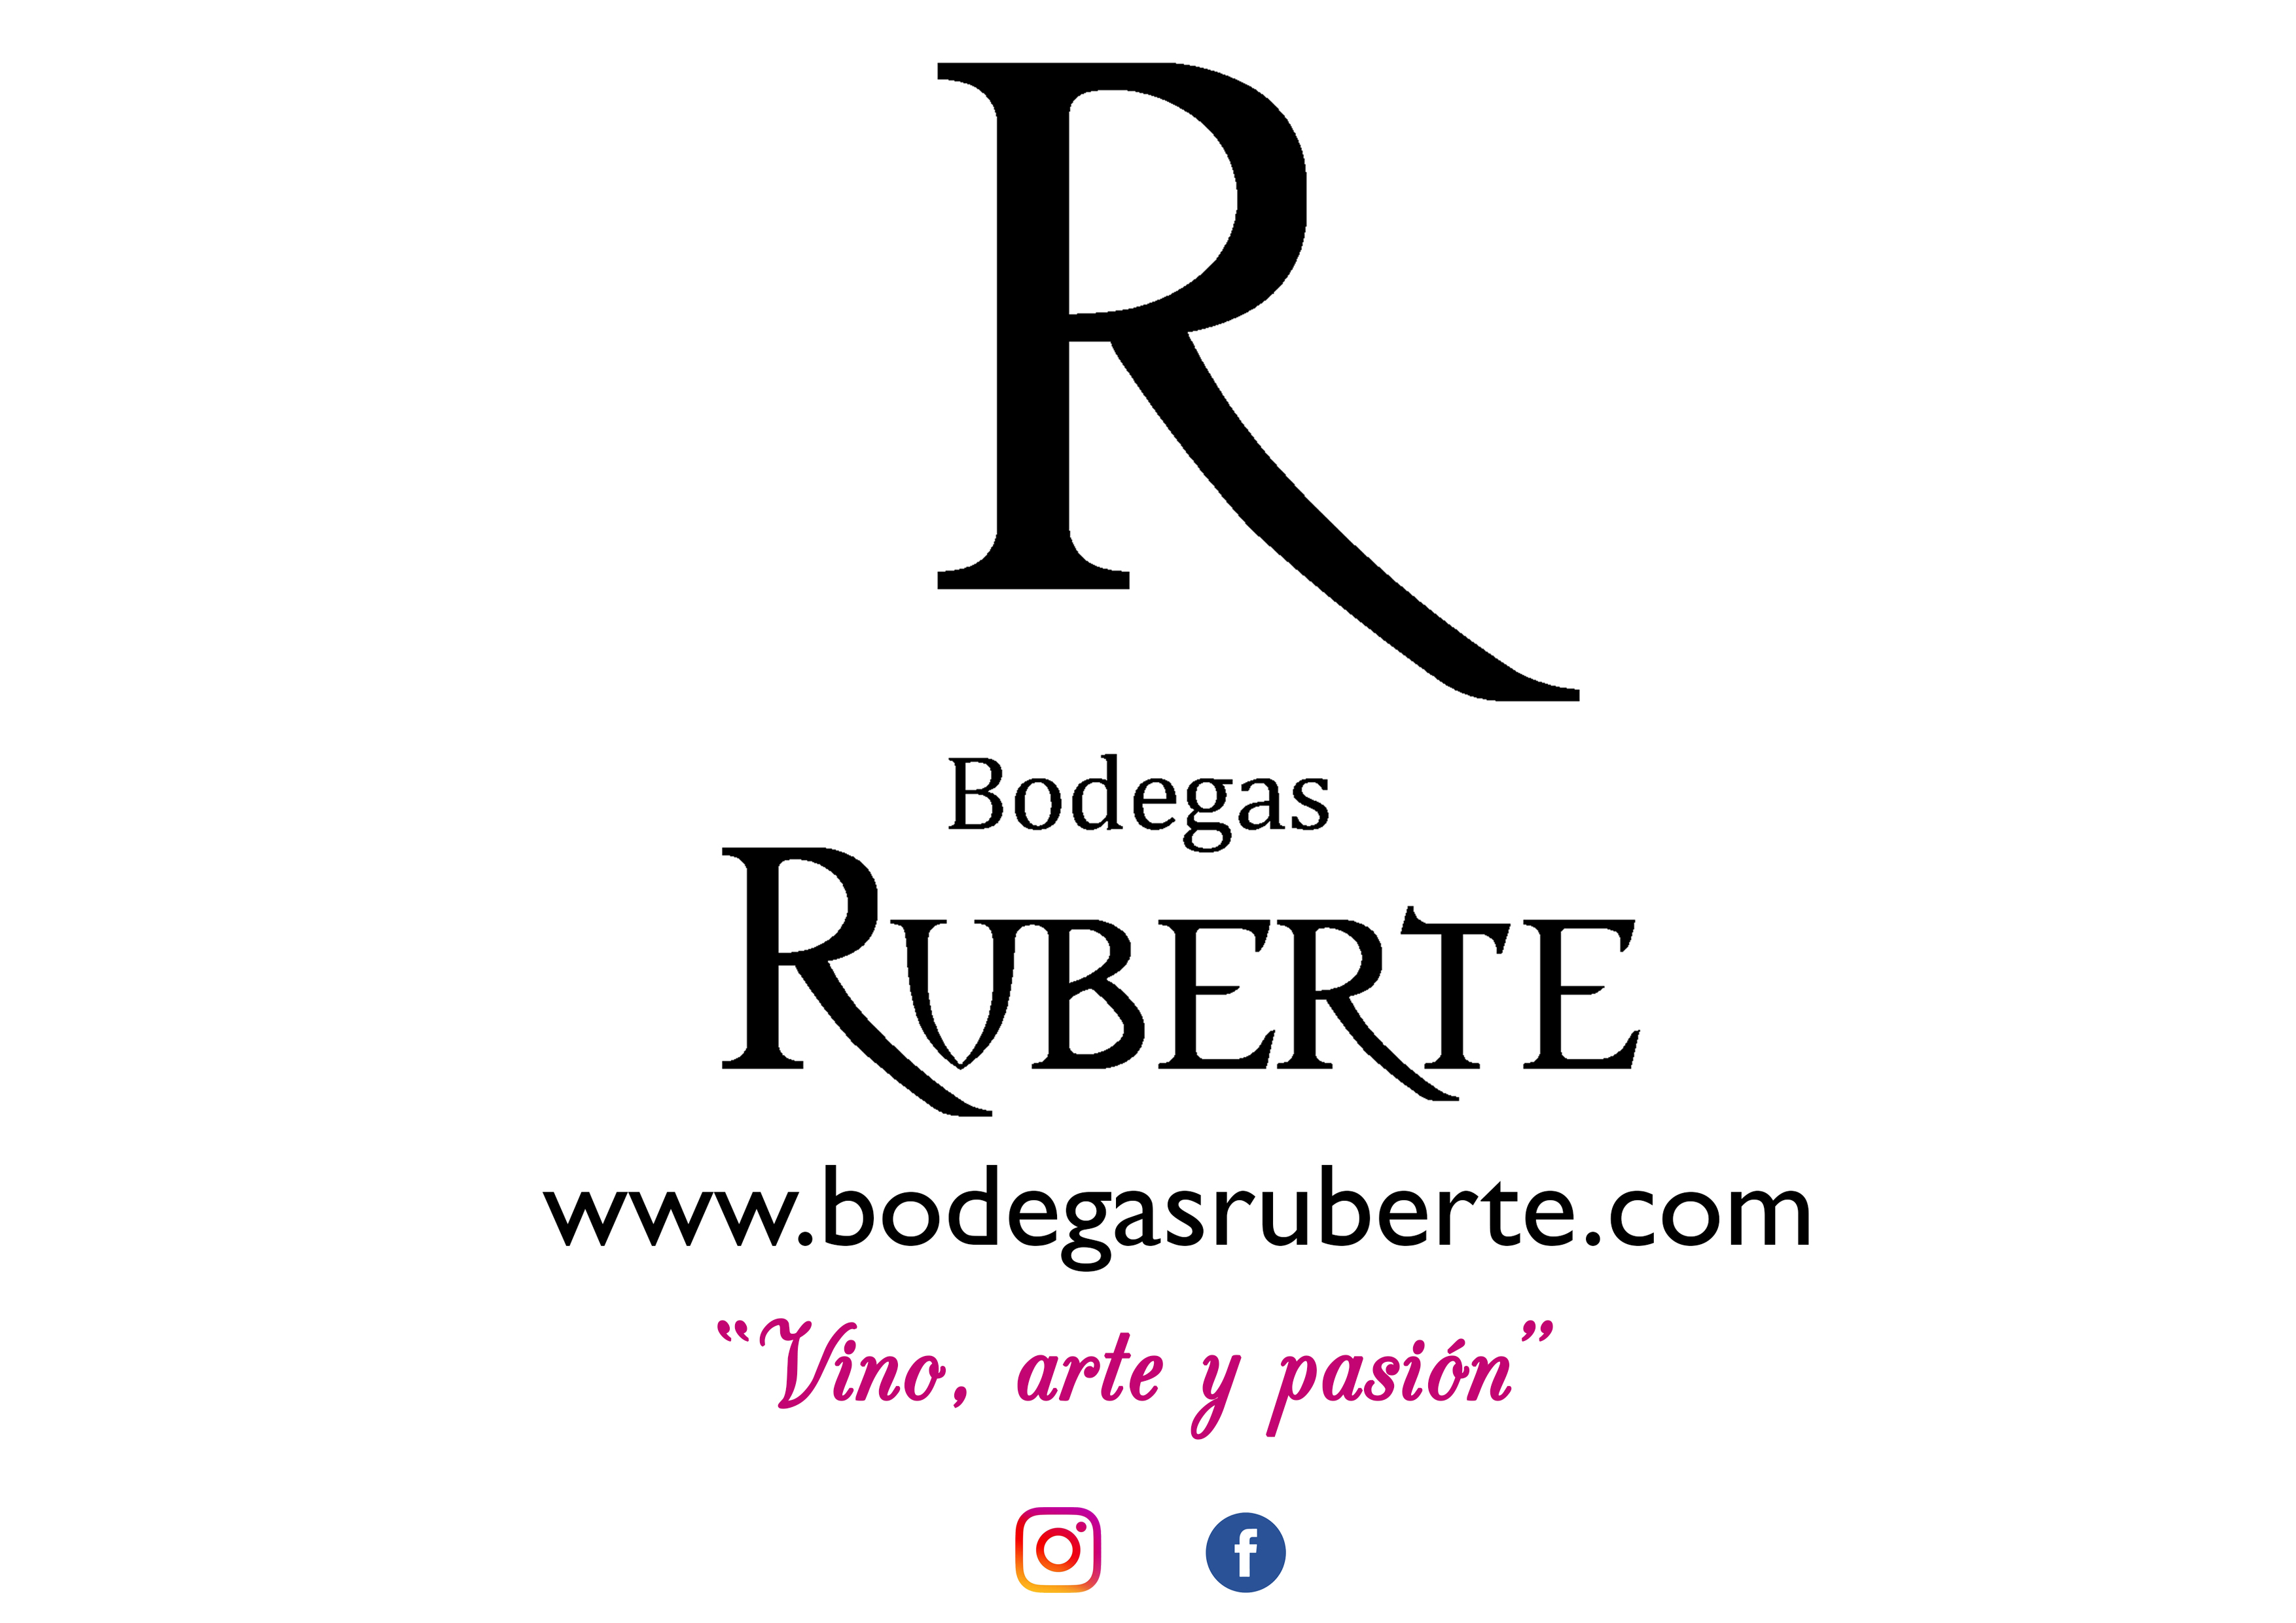 Imagen de Bodegas Ruberte,                                         propietario de Bodegas Ruberte